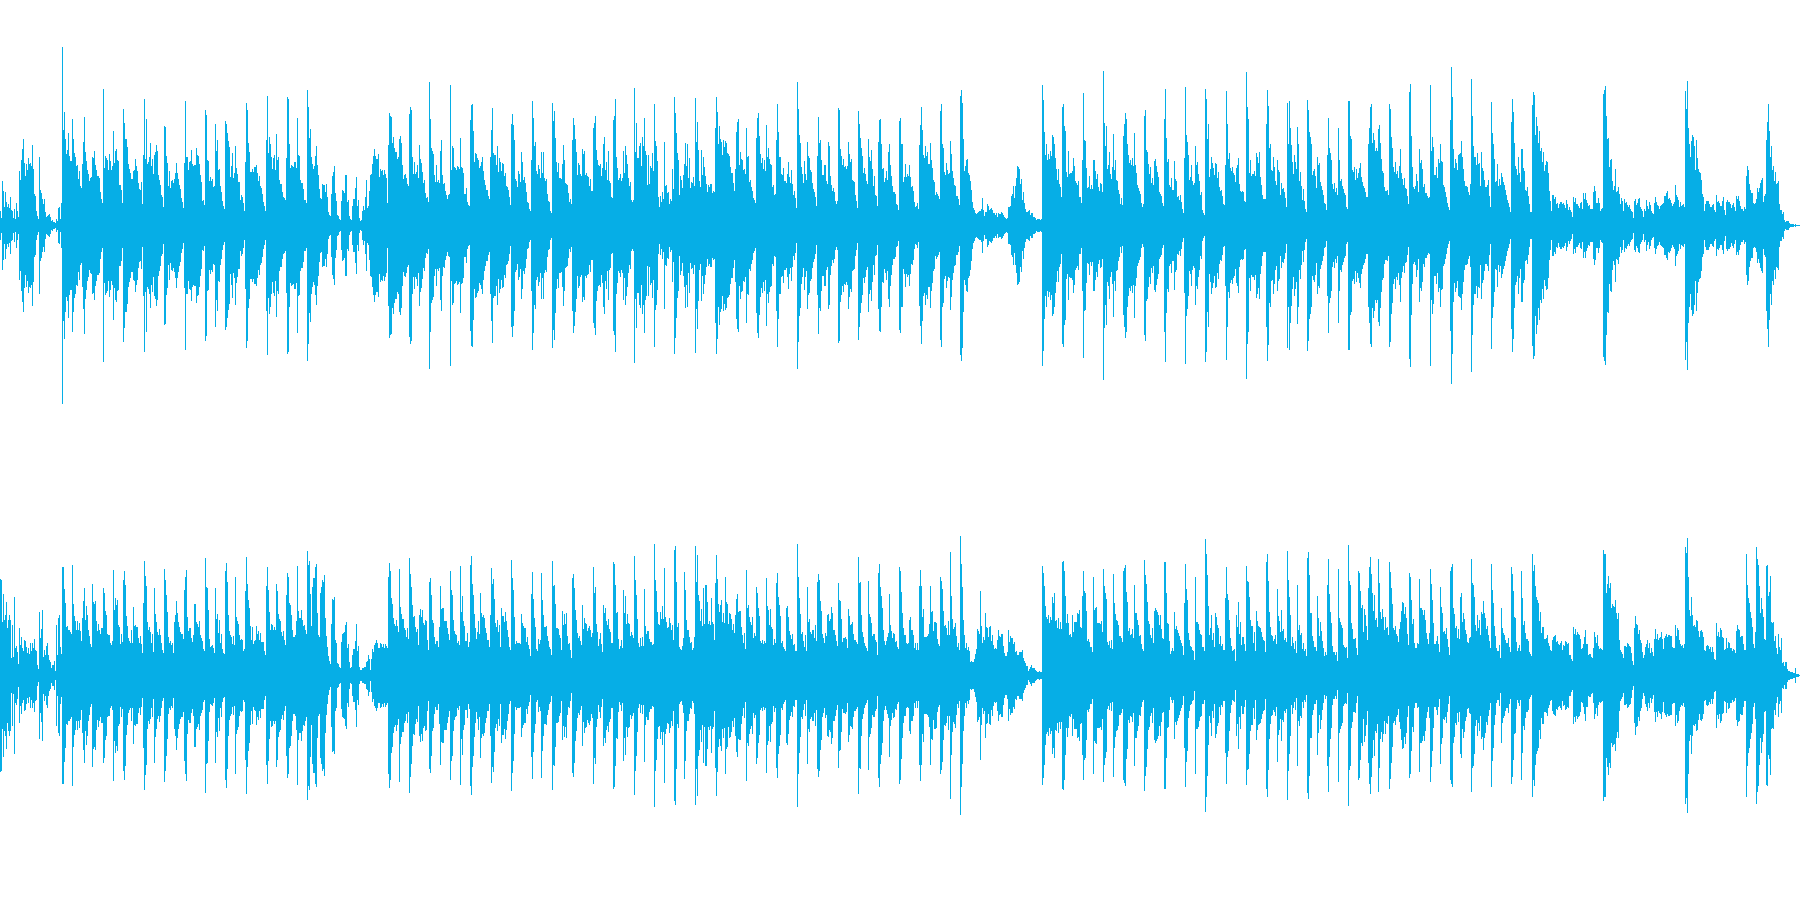 ザニークレイジーアテンションゲッテ...の再生済みの波形